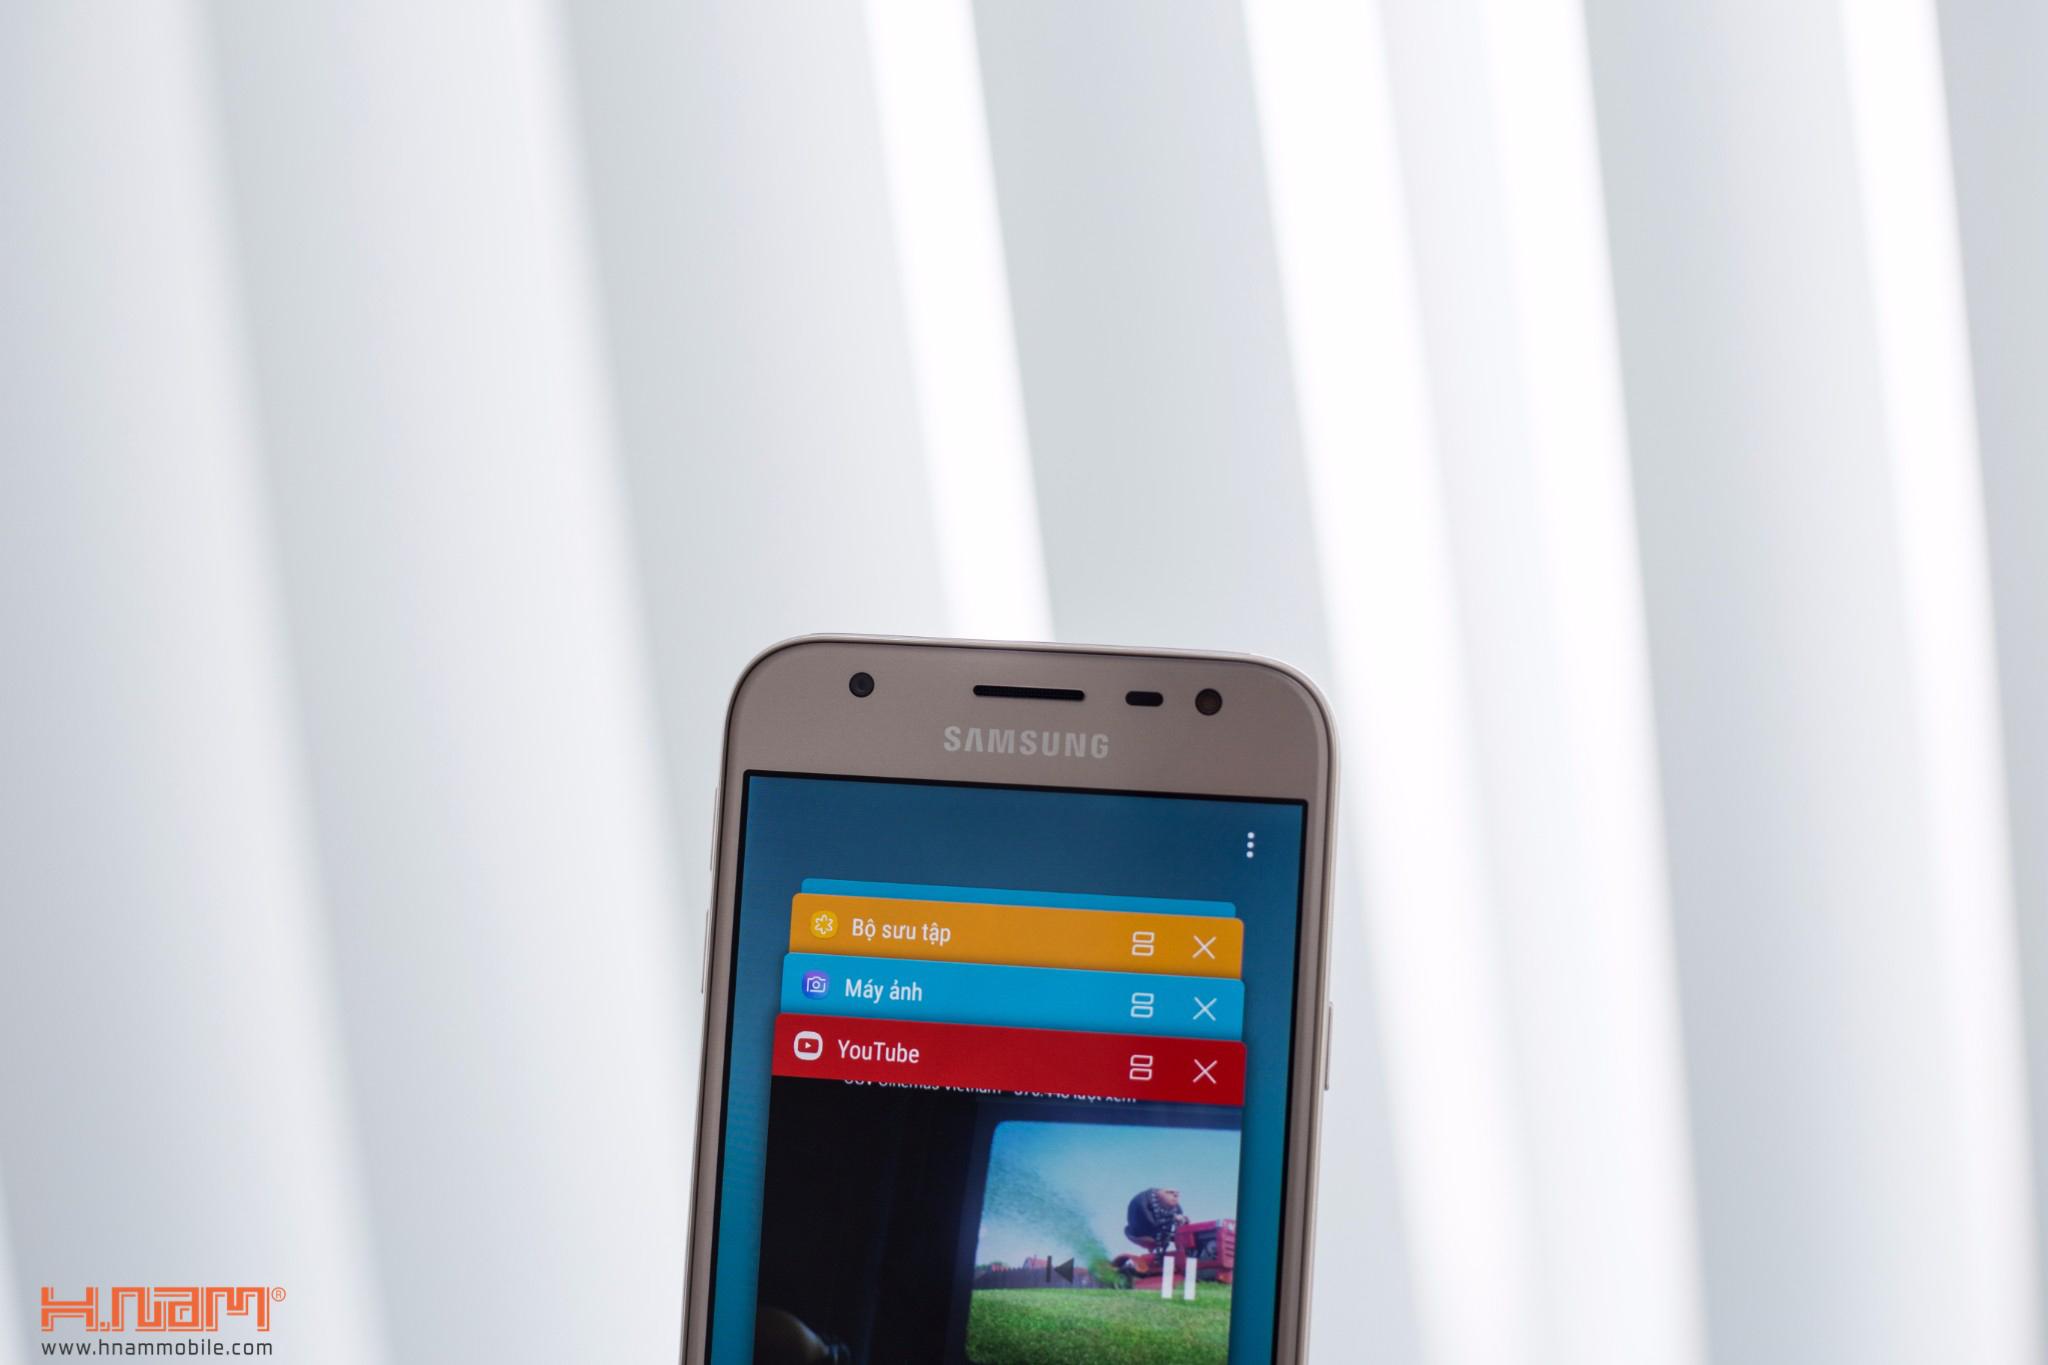 Đập hộp Samsung Galaxy J3 Pro: giá hơn 4 triệu đồng, camera F/1.9 hình 9